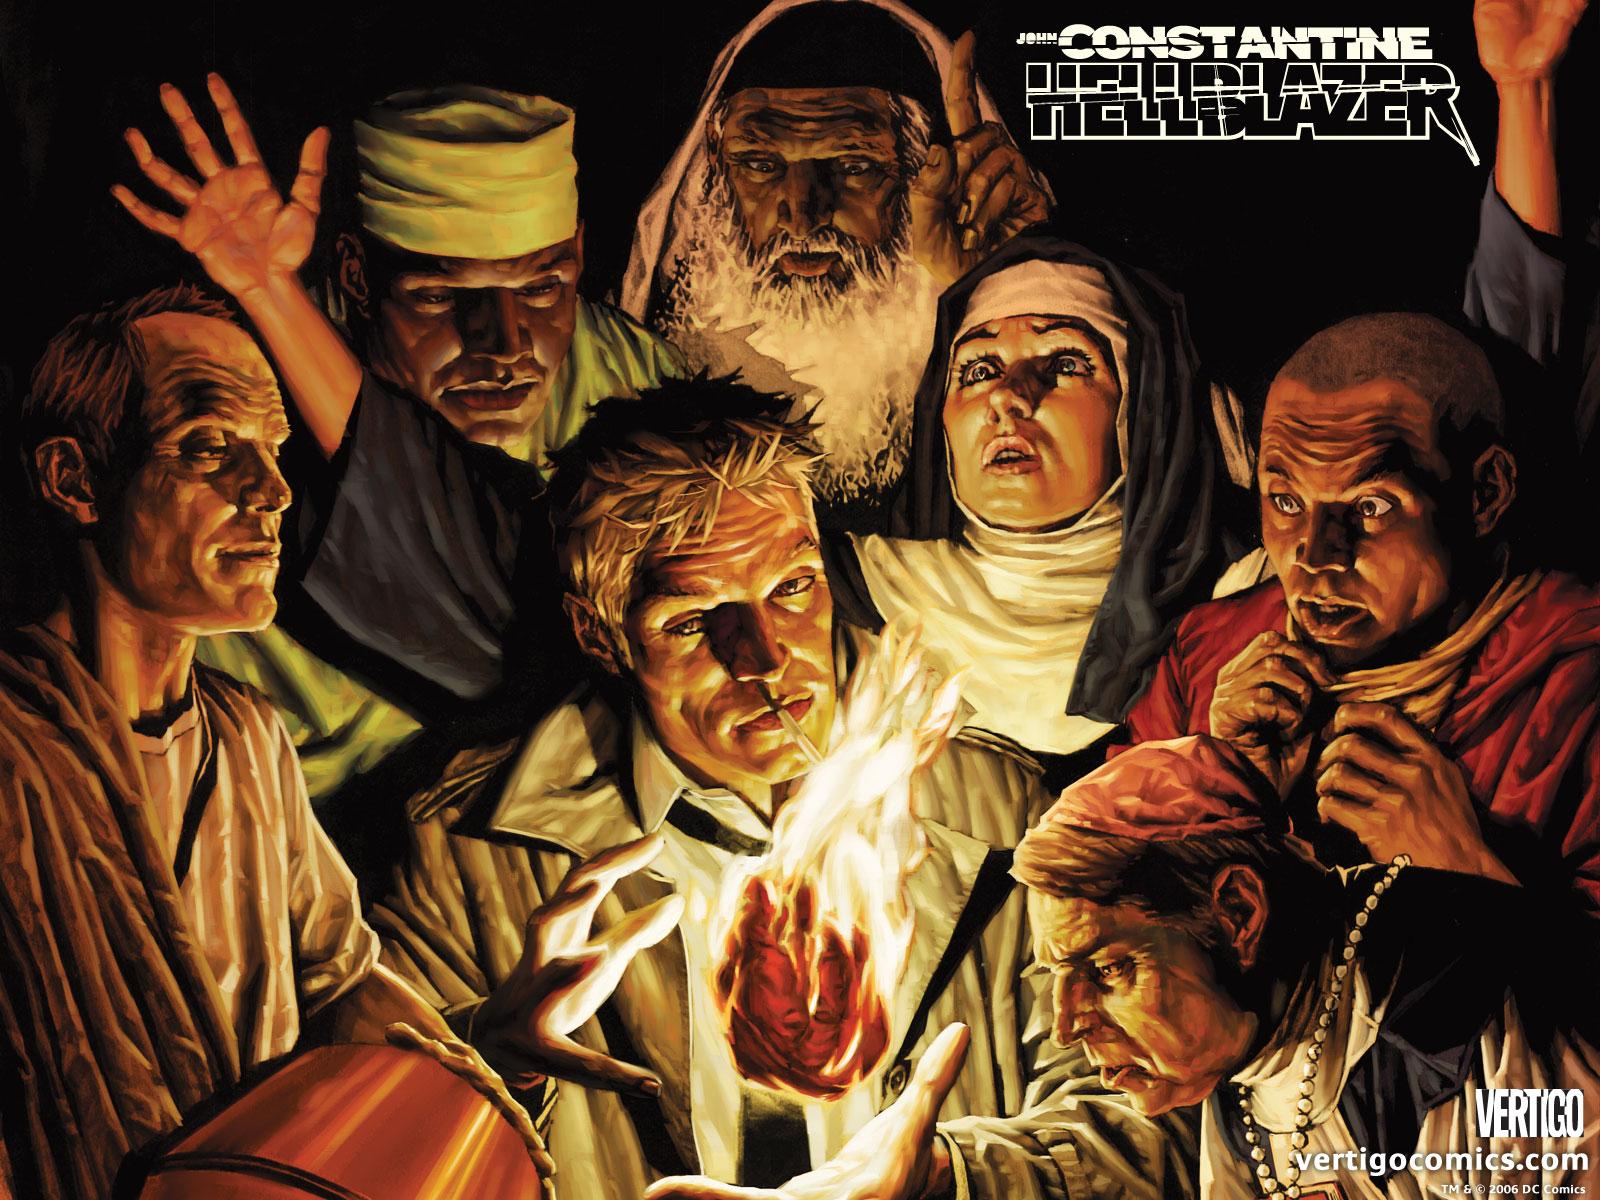 Hellblazer_vertigo_comics_leonardo_manco_Columna_de_logan__15_Tierra_Freak_Tierrafreak.com.ar